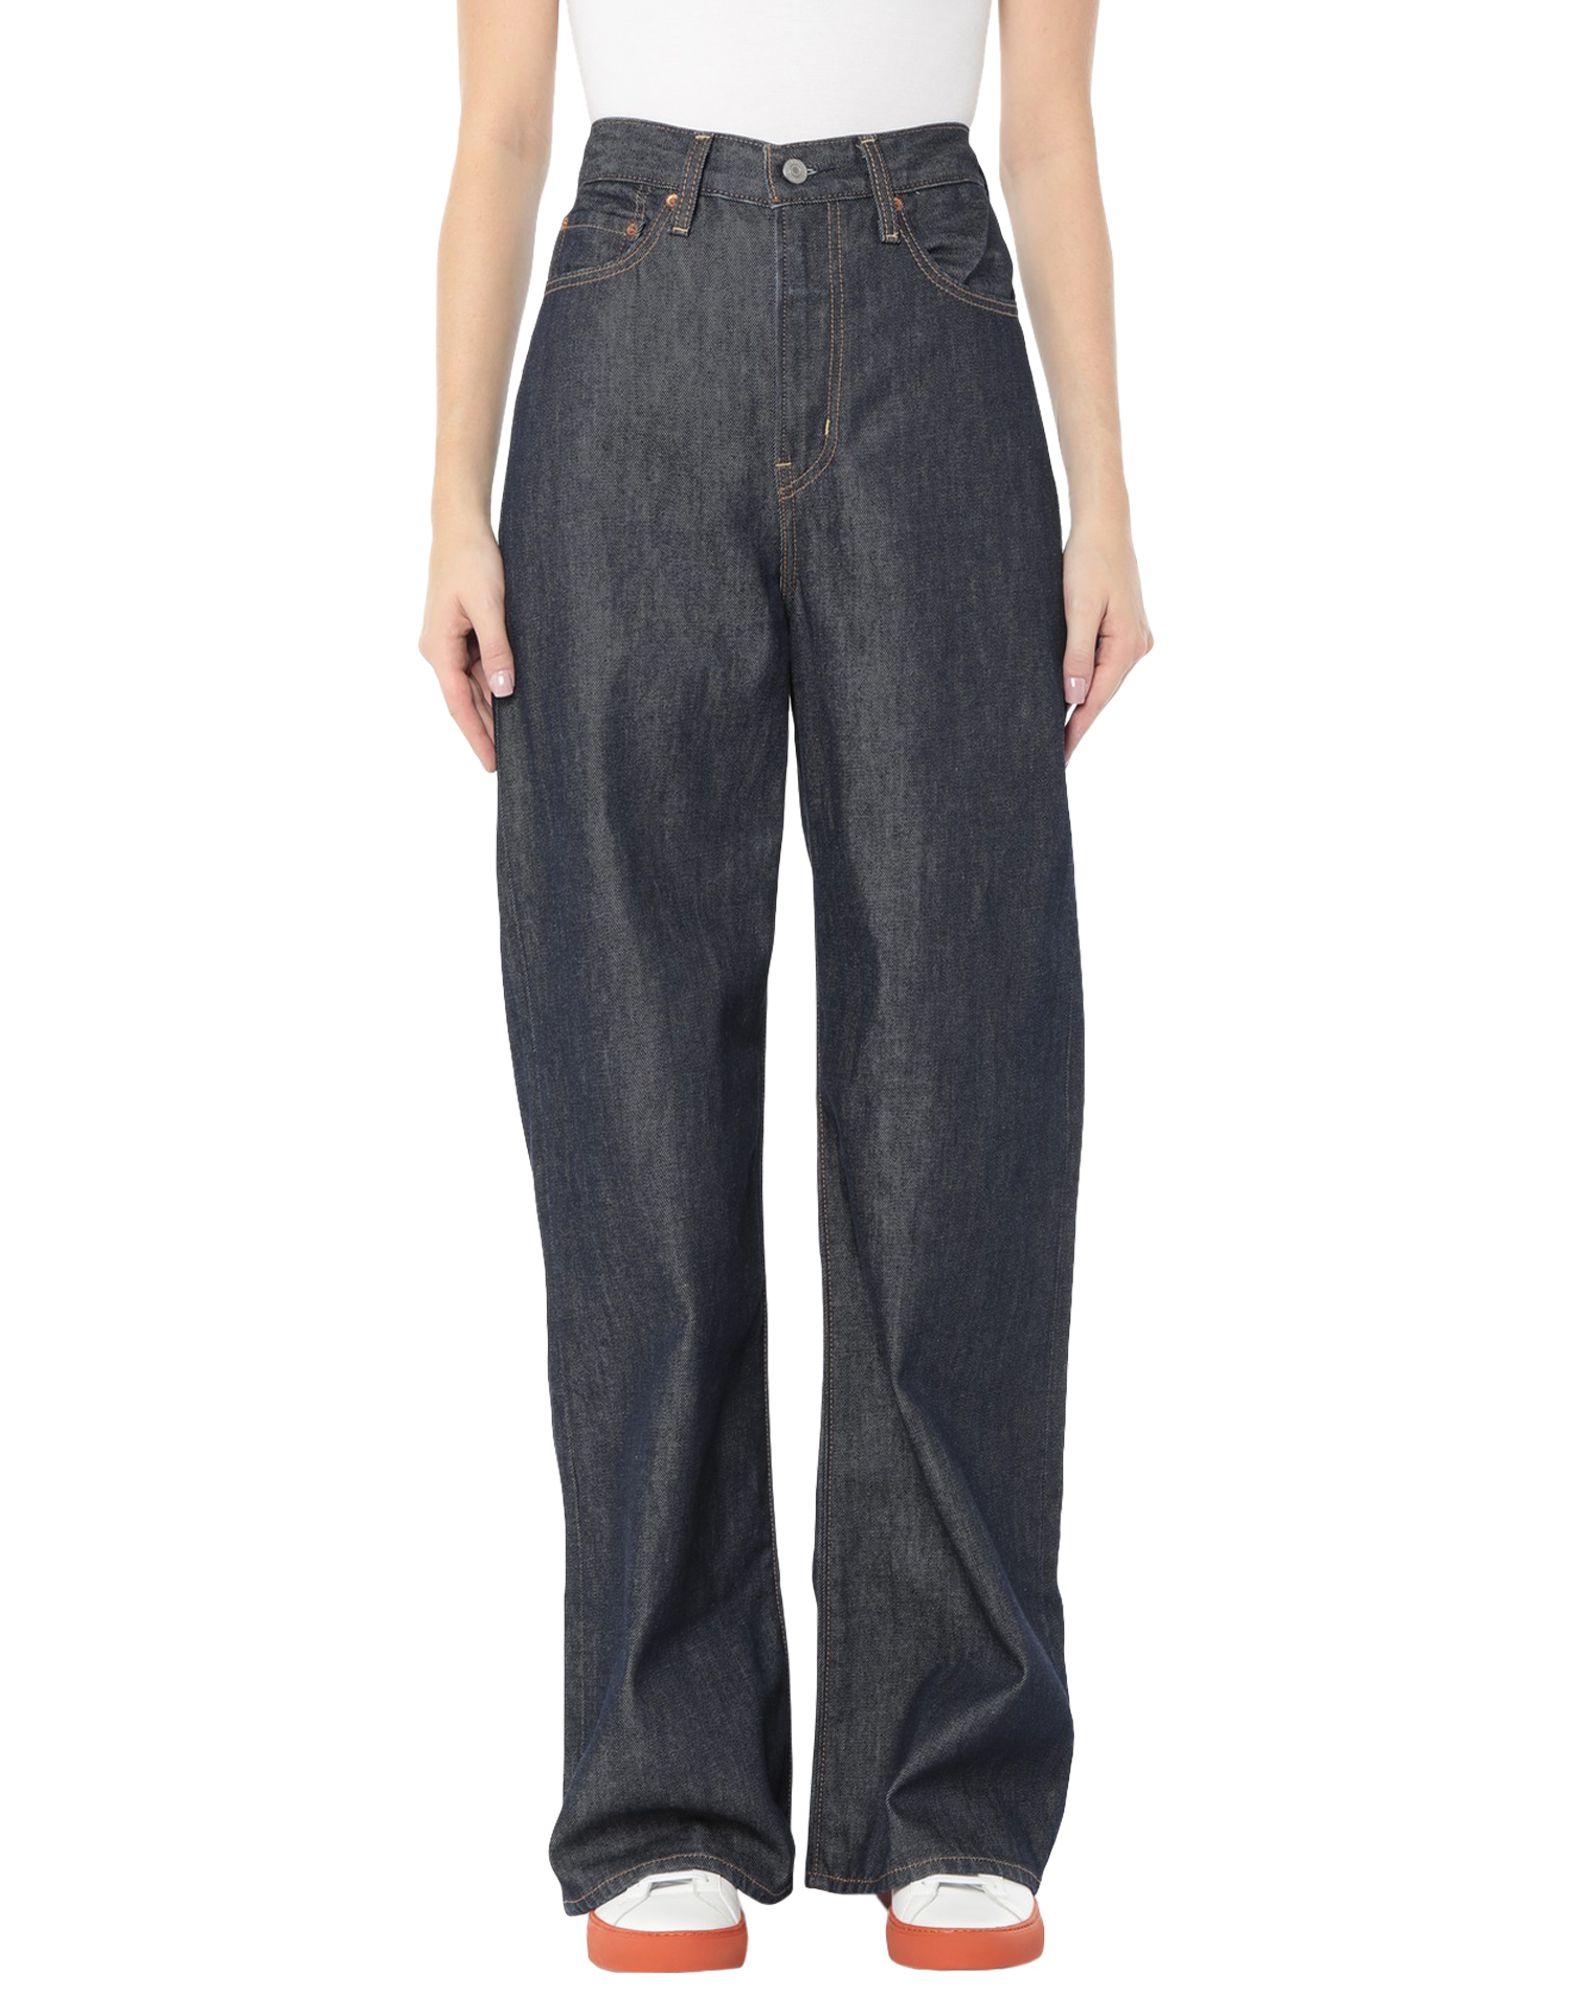 Фото - LEVI' S Джинсовые брюки plus striped wide leg pants with belt